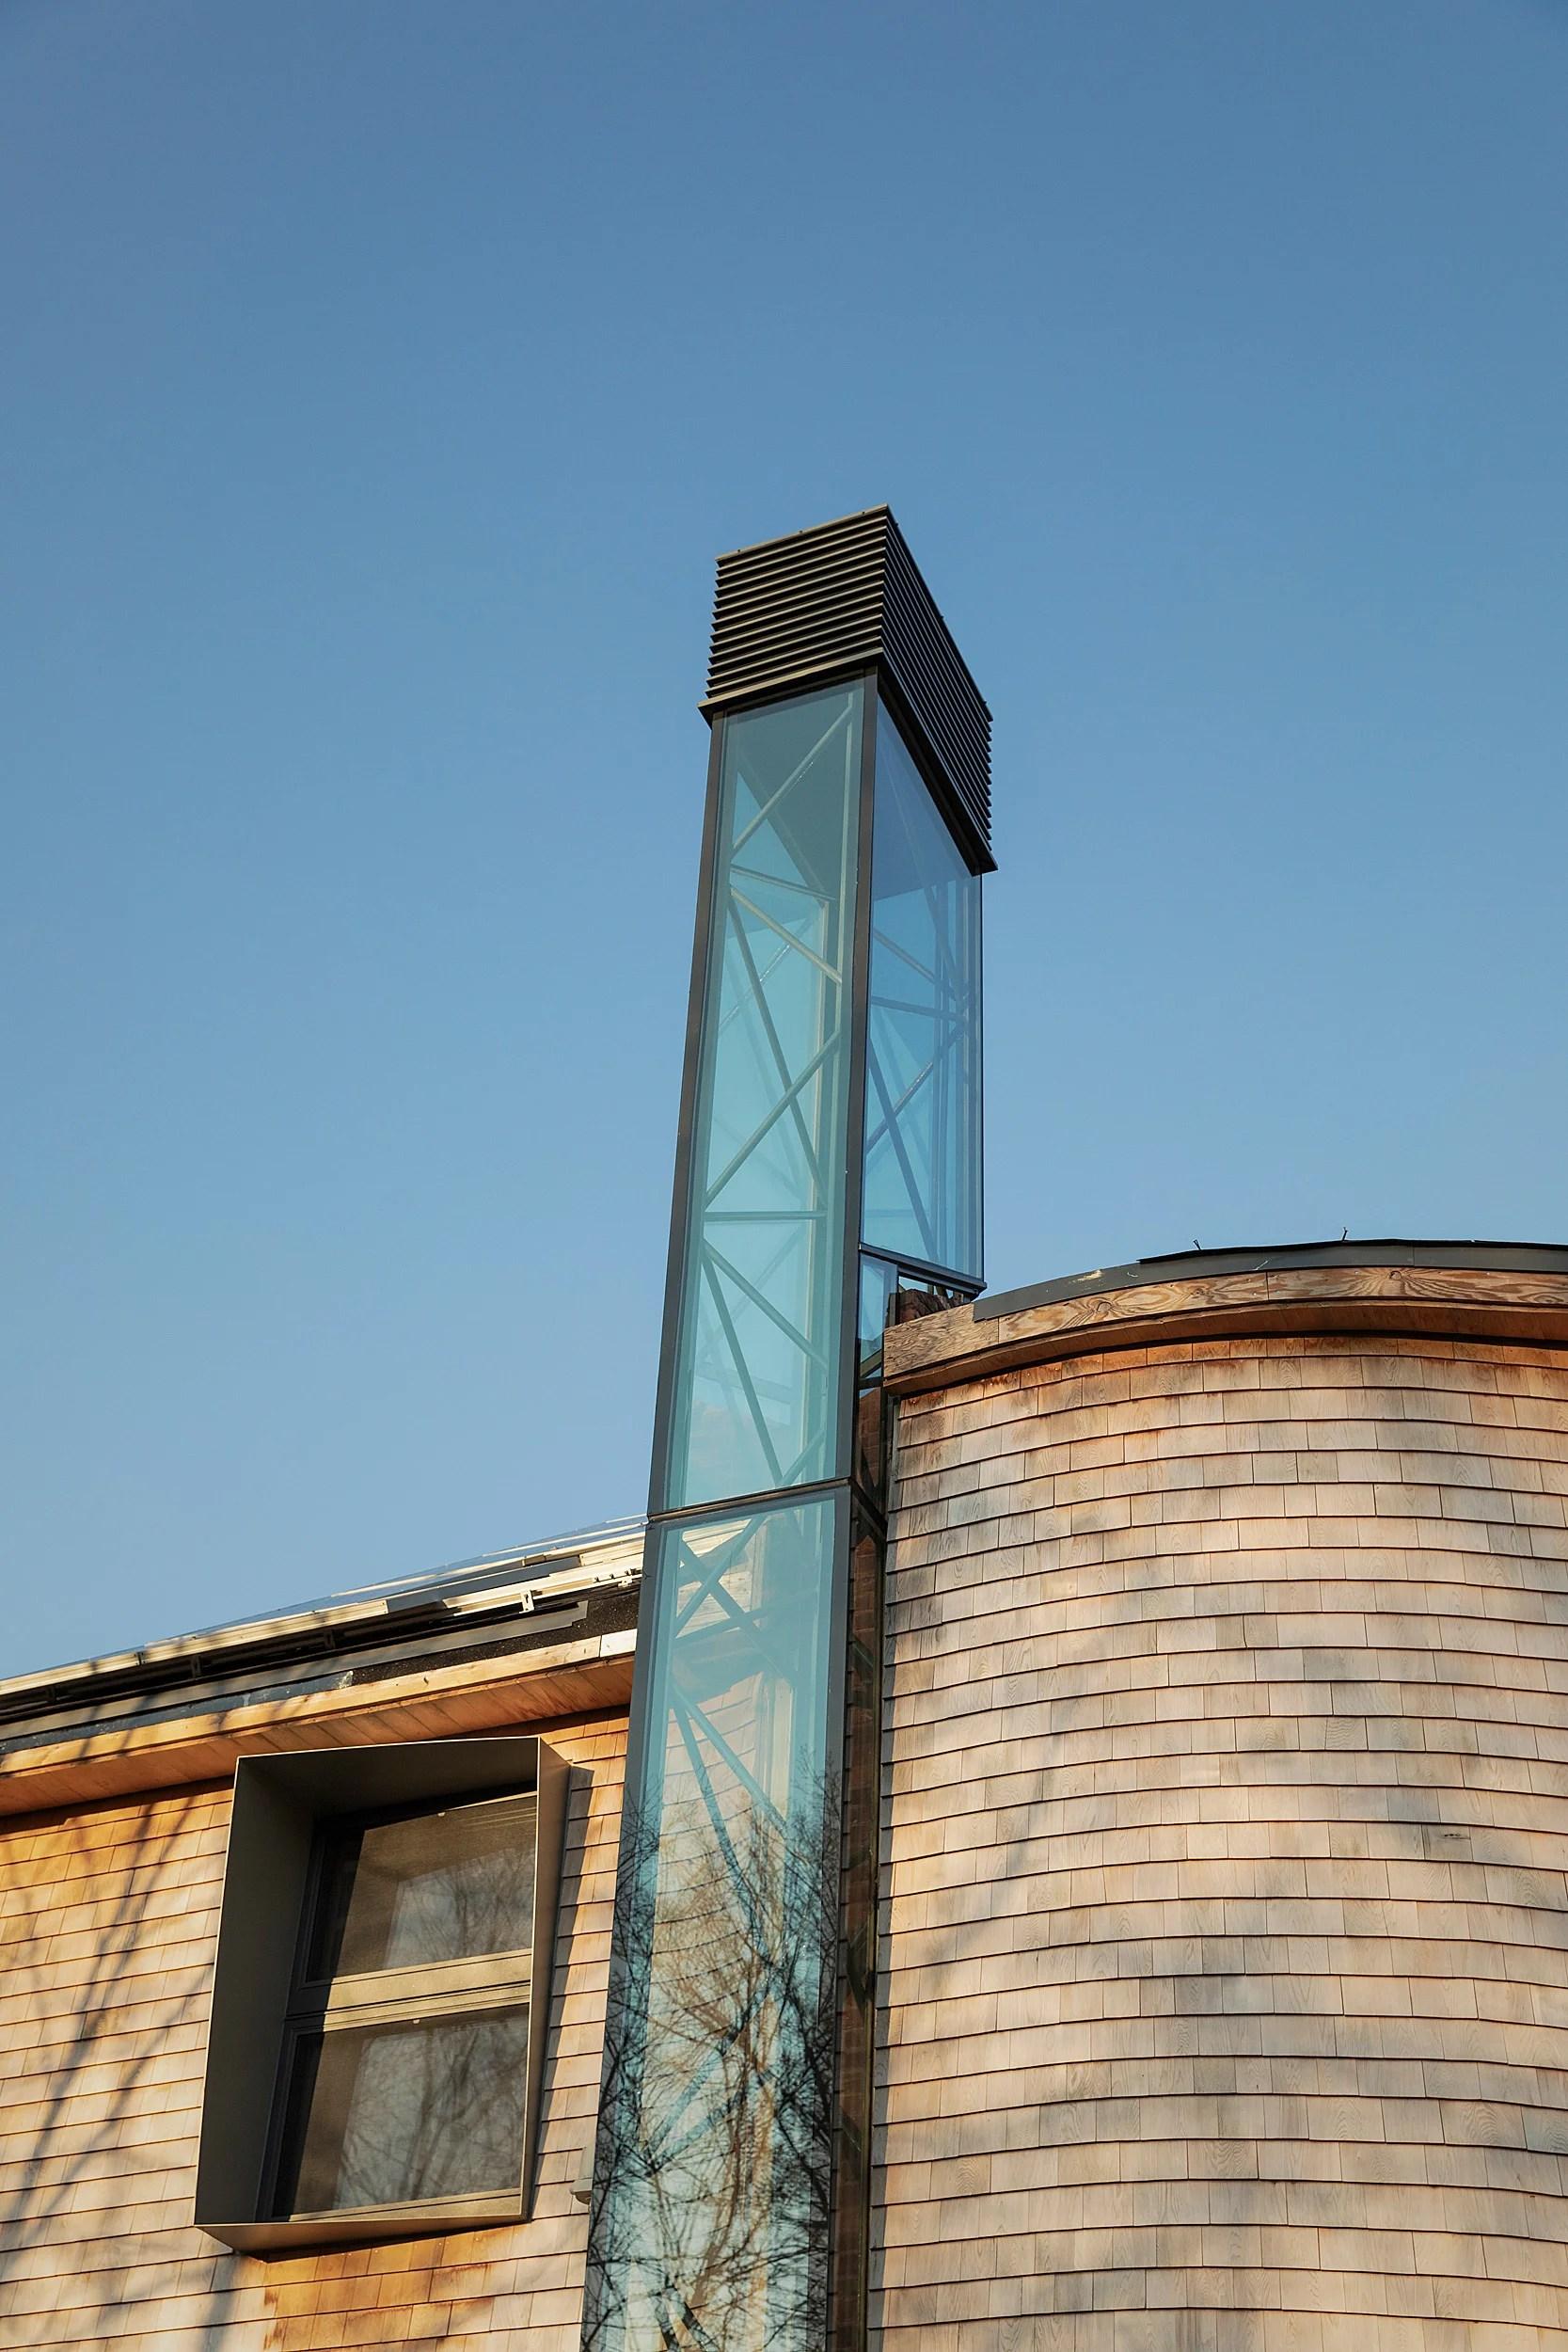 Solar chimney.